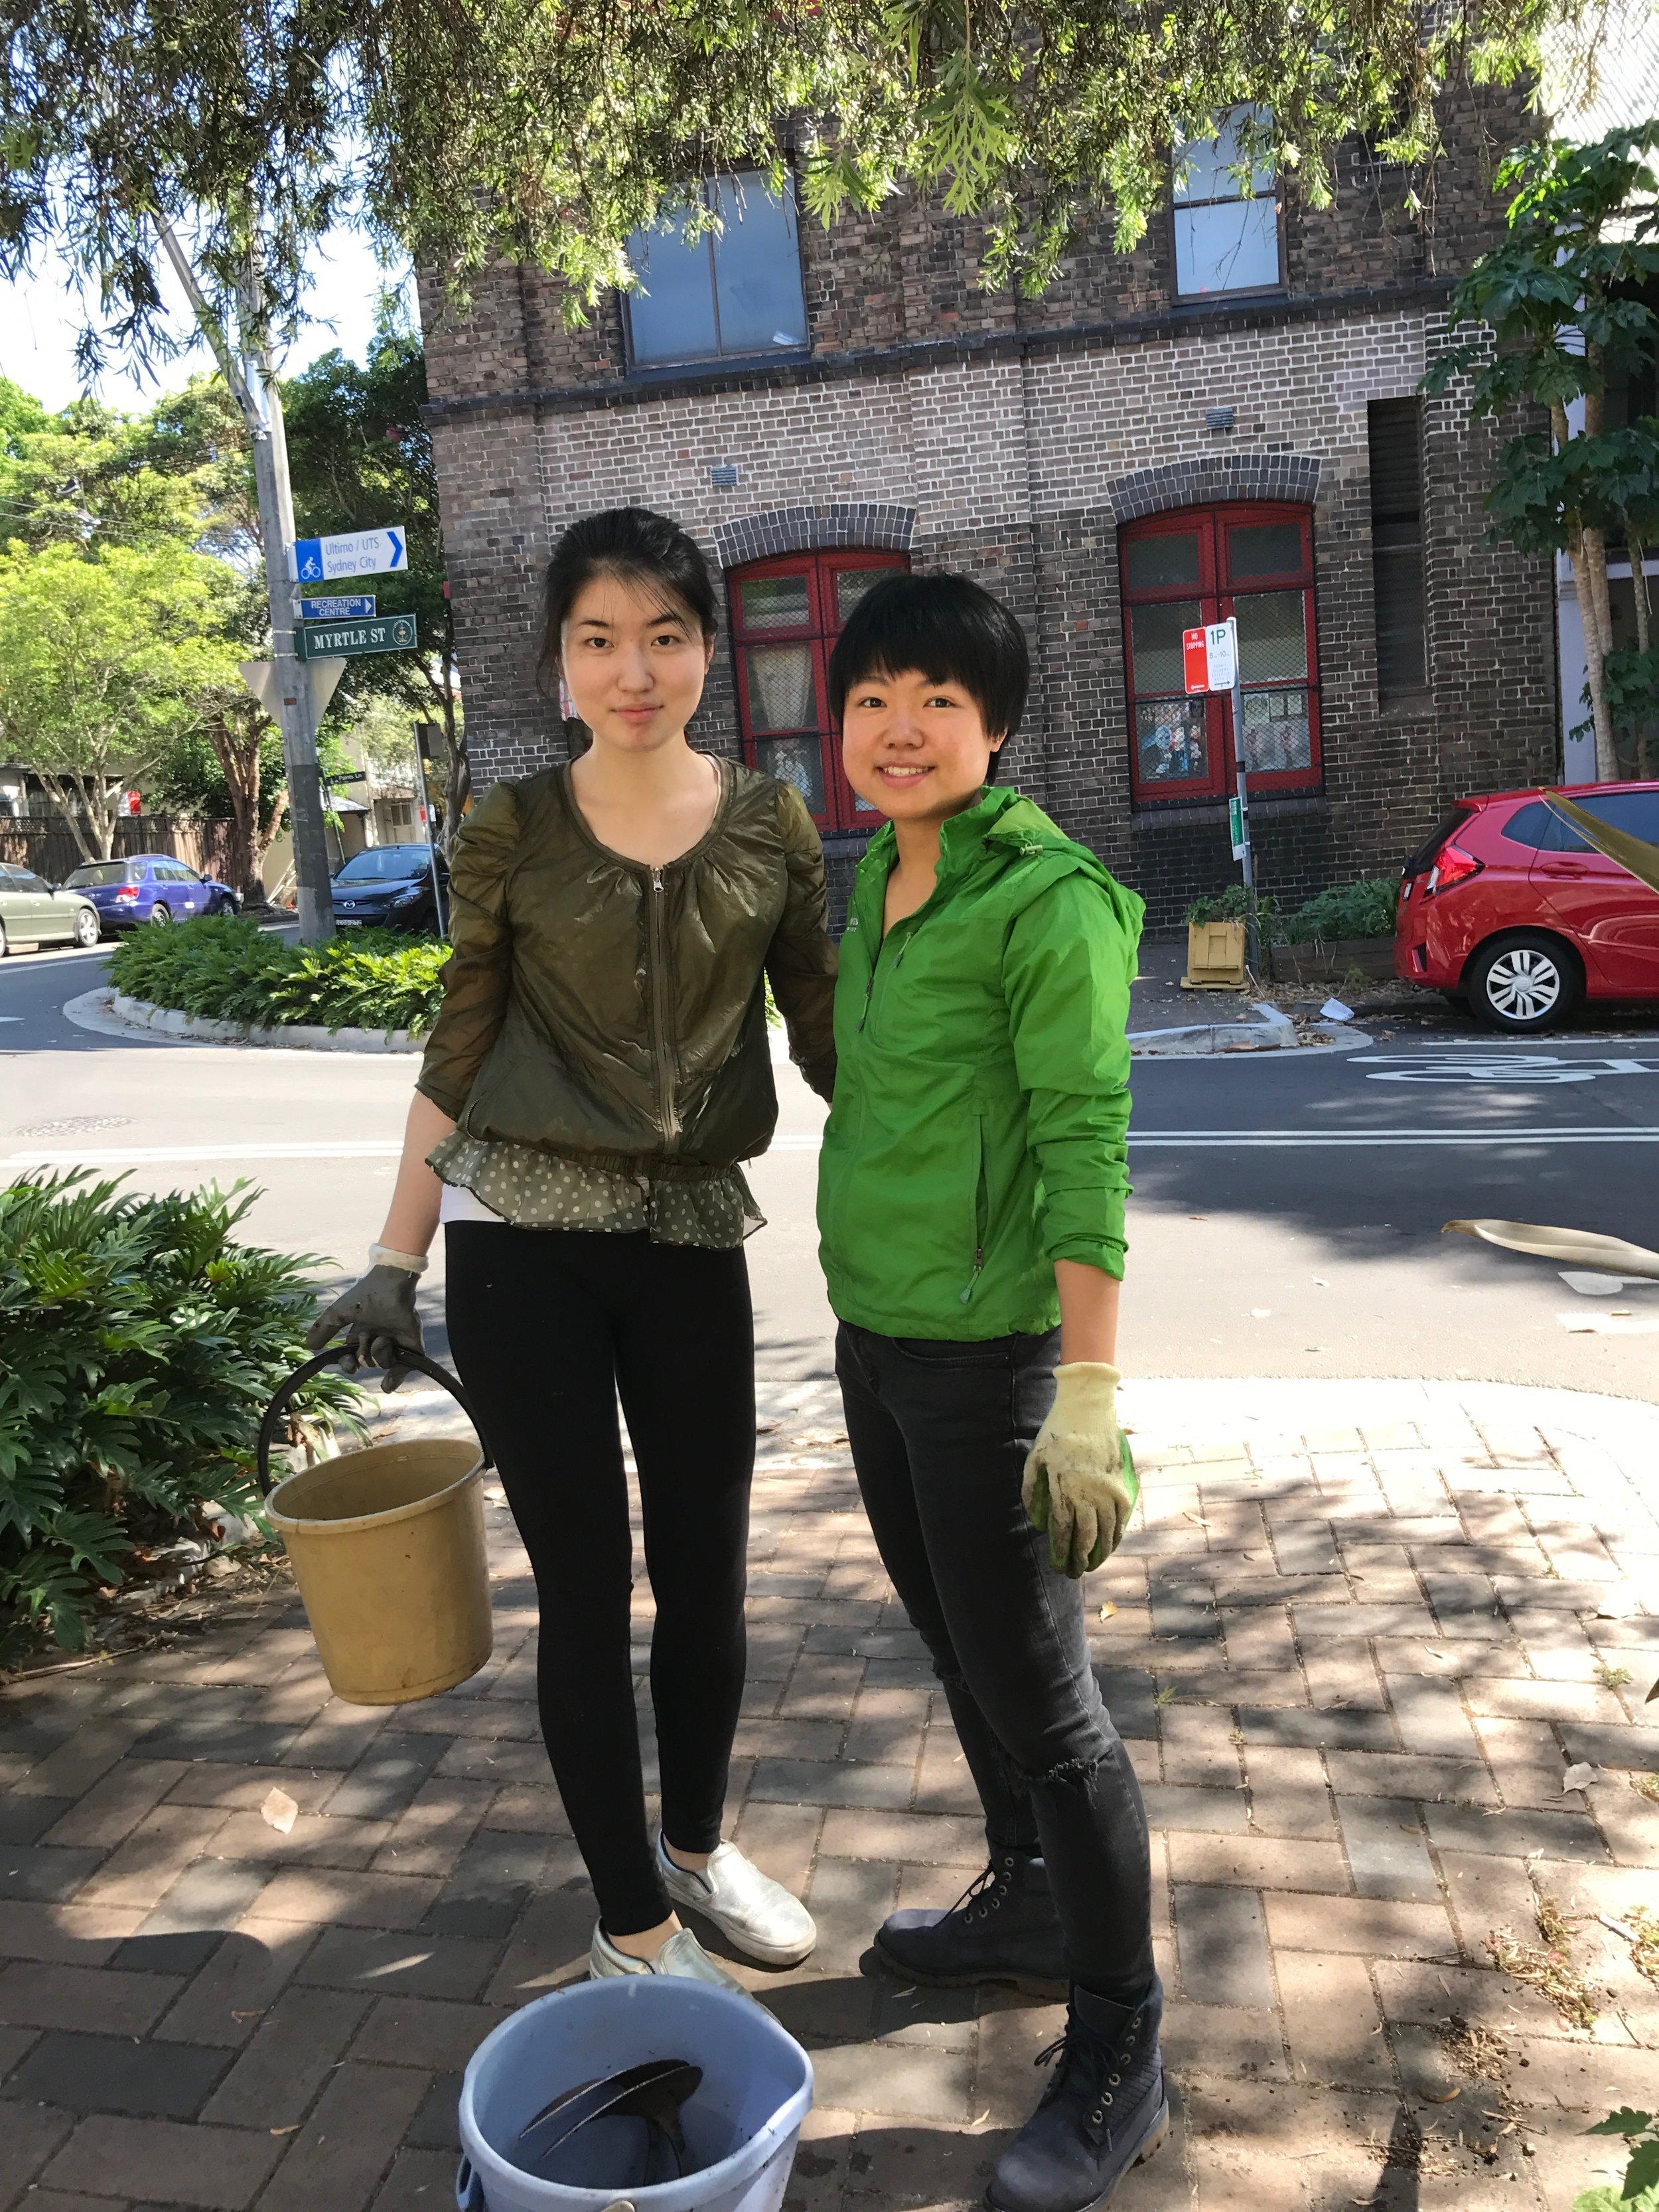 Mia(Left) and Jesscia(Right)